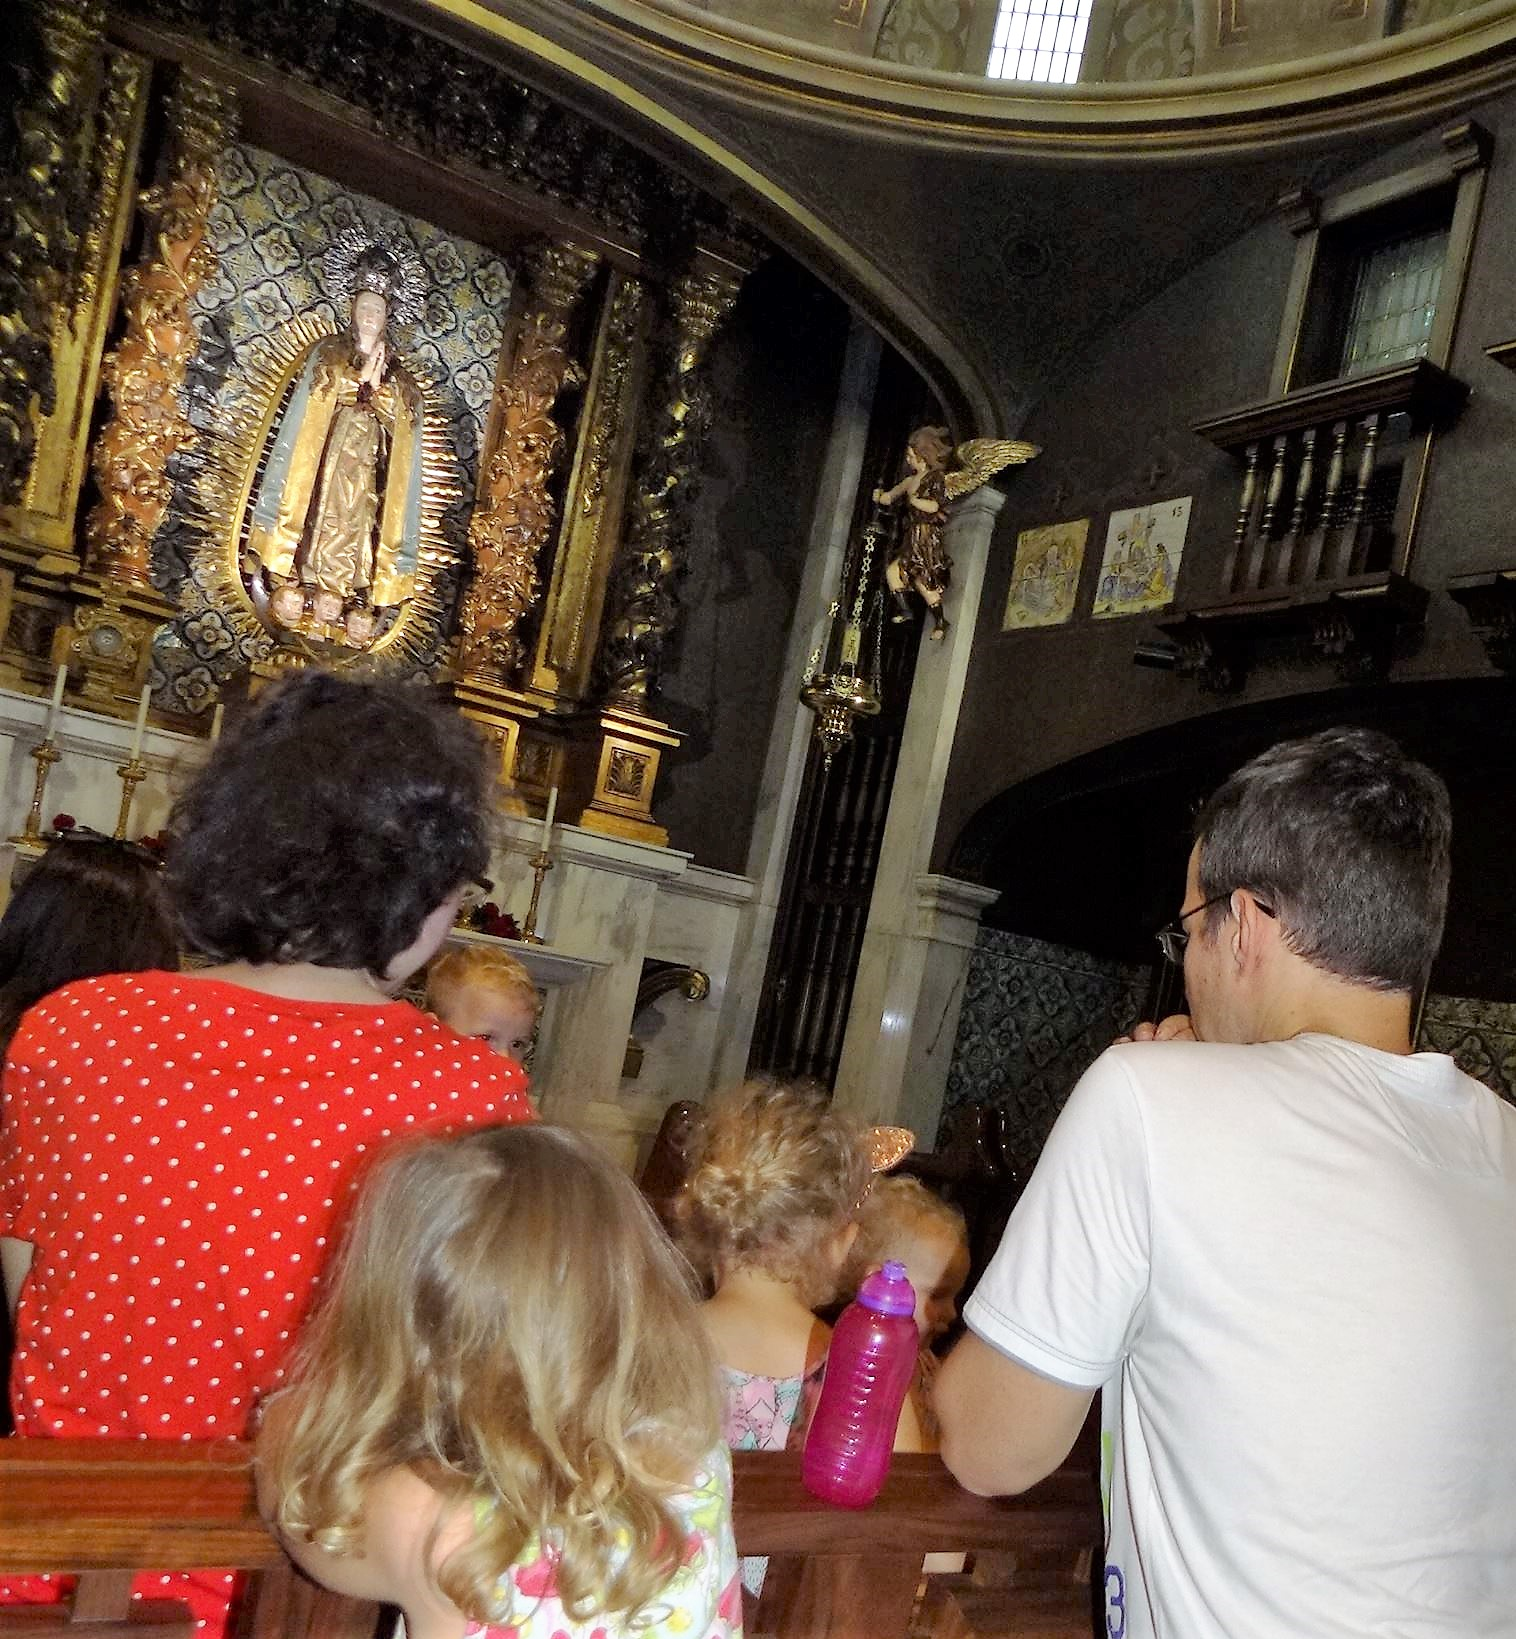 djecu u crkvu